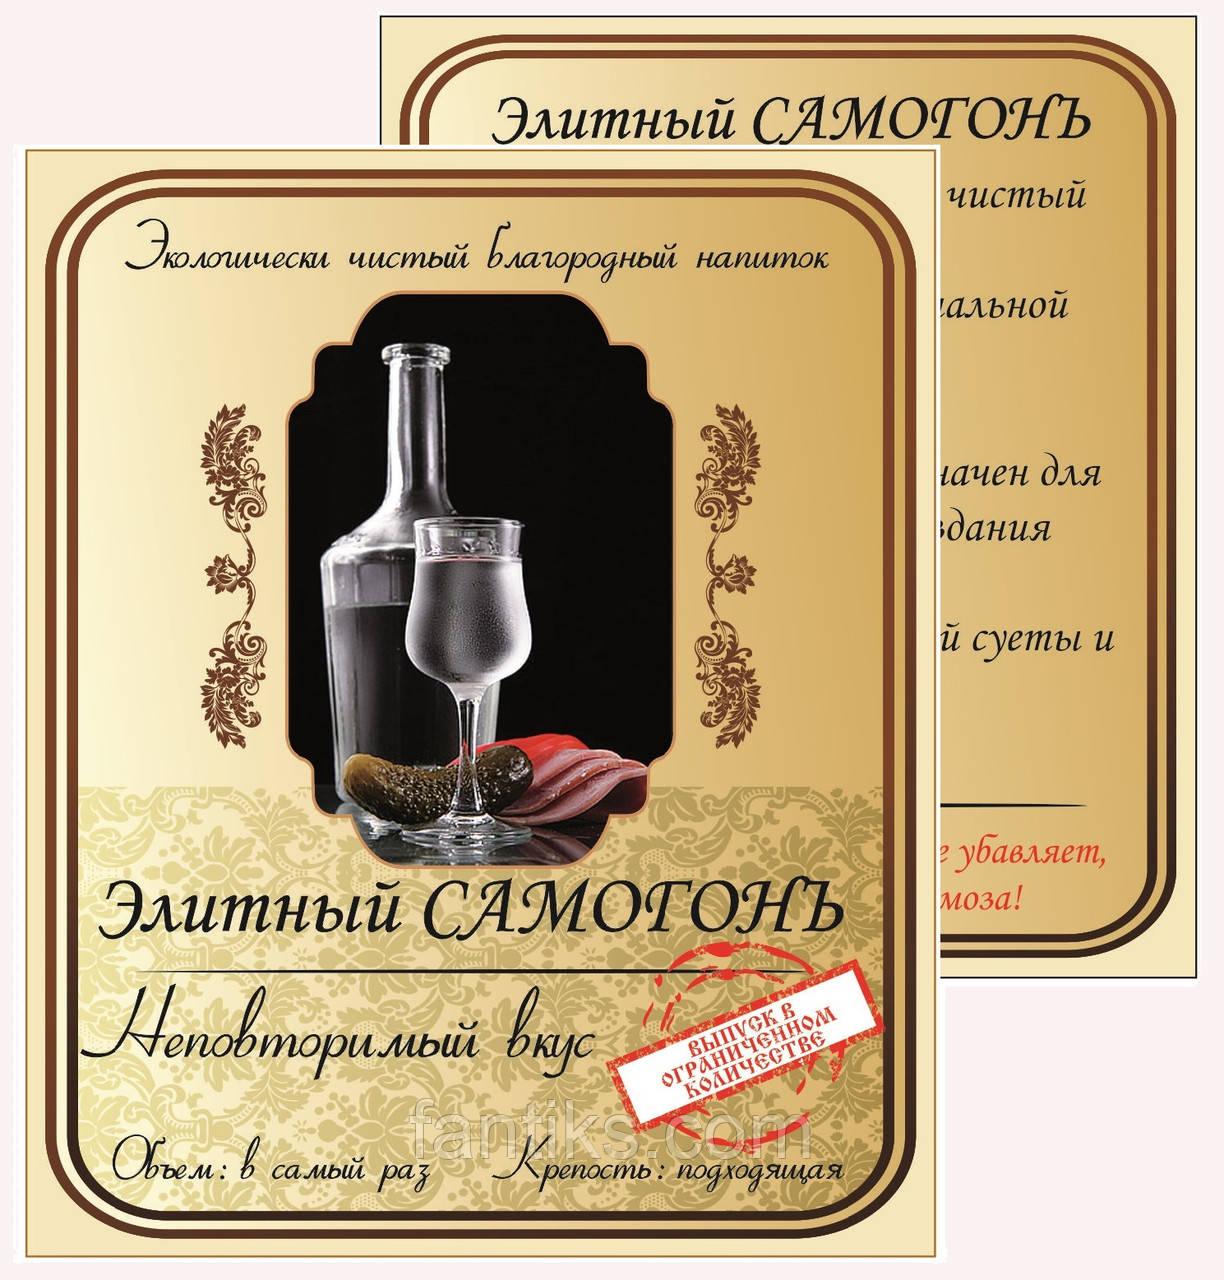 Элитный САМОГОН -  комплект наклеек на бутылку